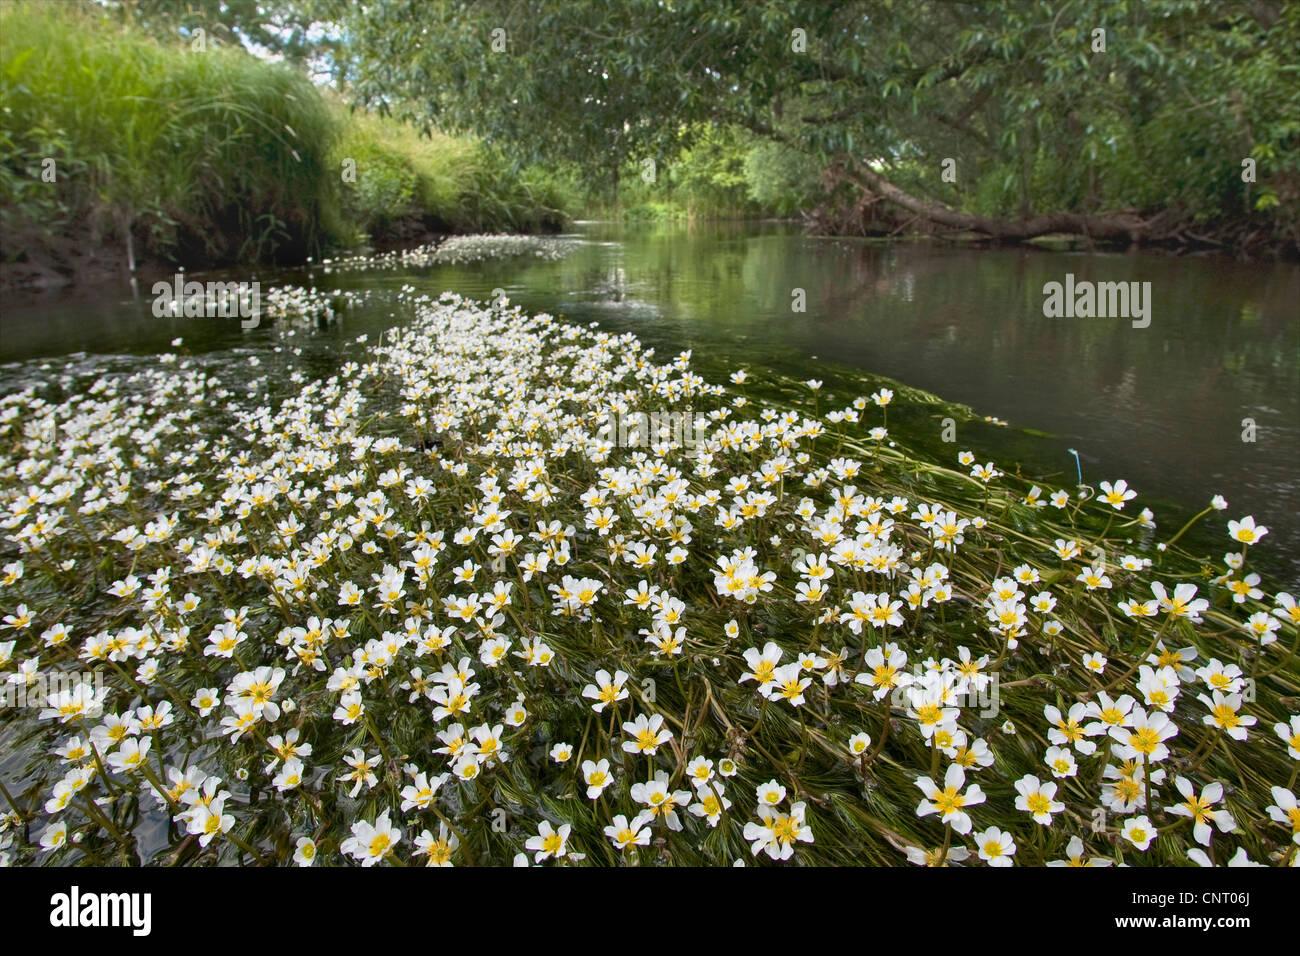 river water-crowfoot (Ranunculus fluitans), creek with flowering water-crowfoot, Germany - Stock Image